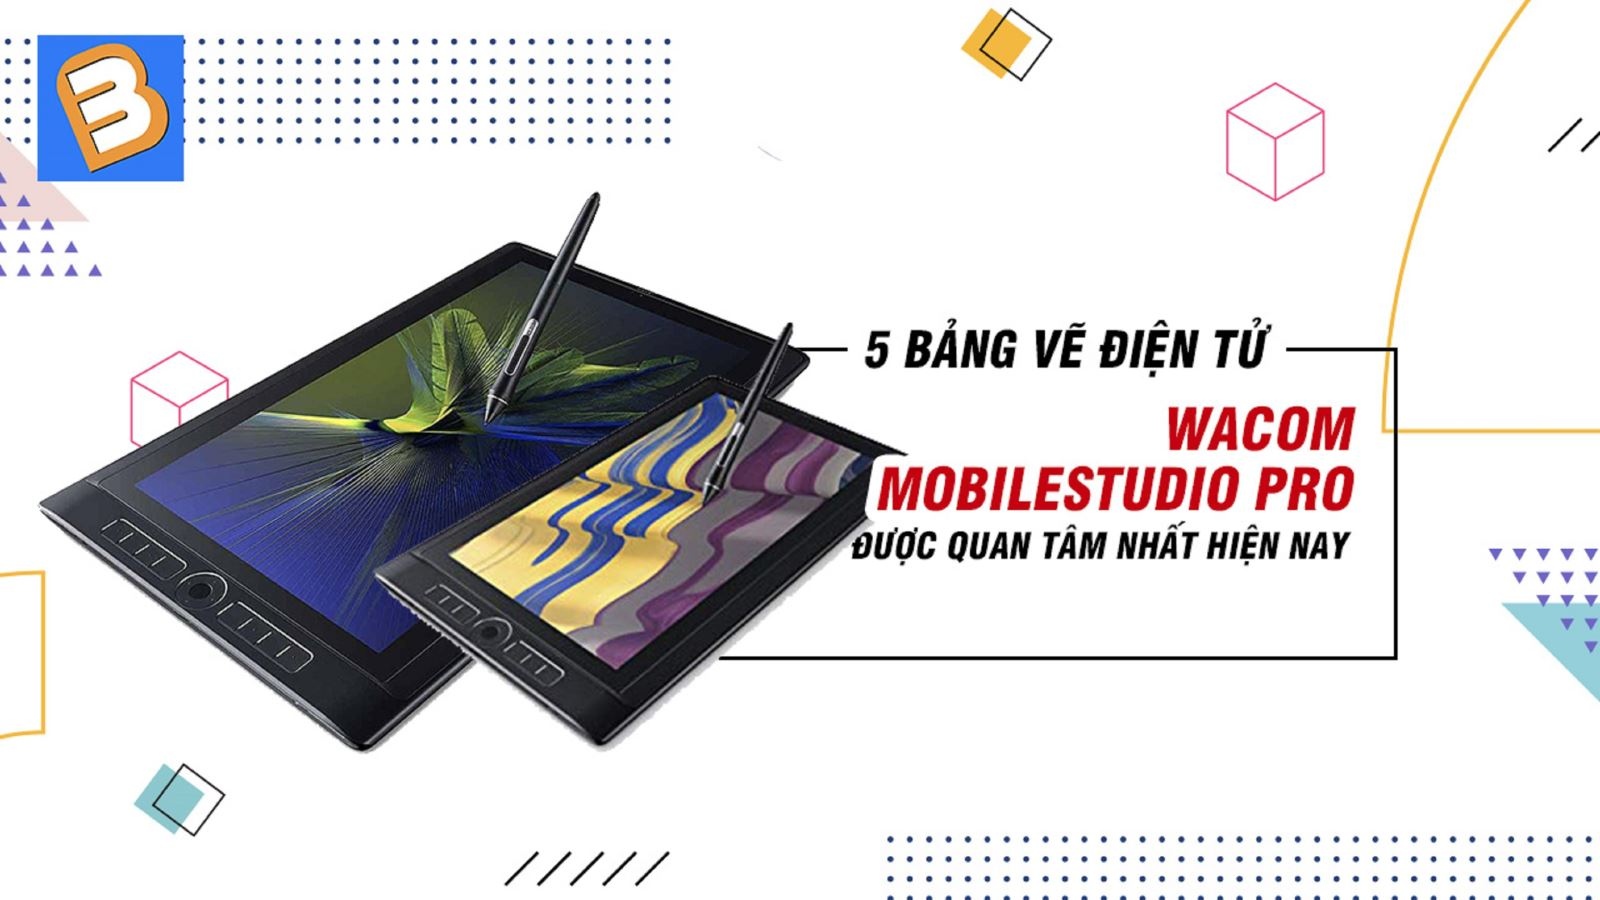 5 bảng vẽ điện tử Wacom MobileStudio Pro được quan tâmnhất hiện nay